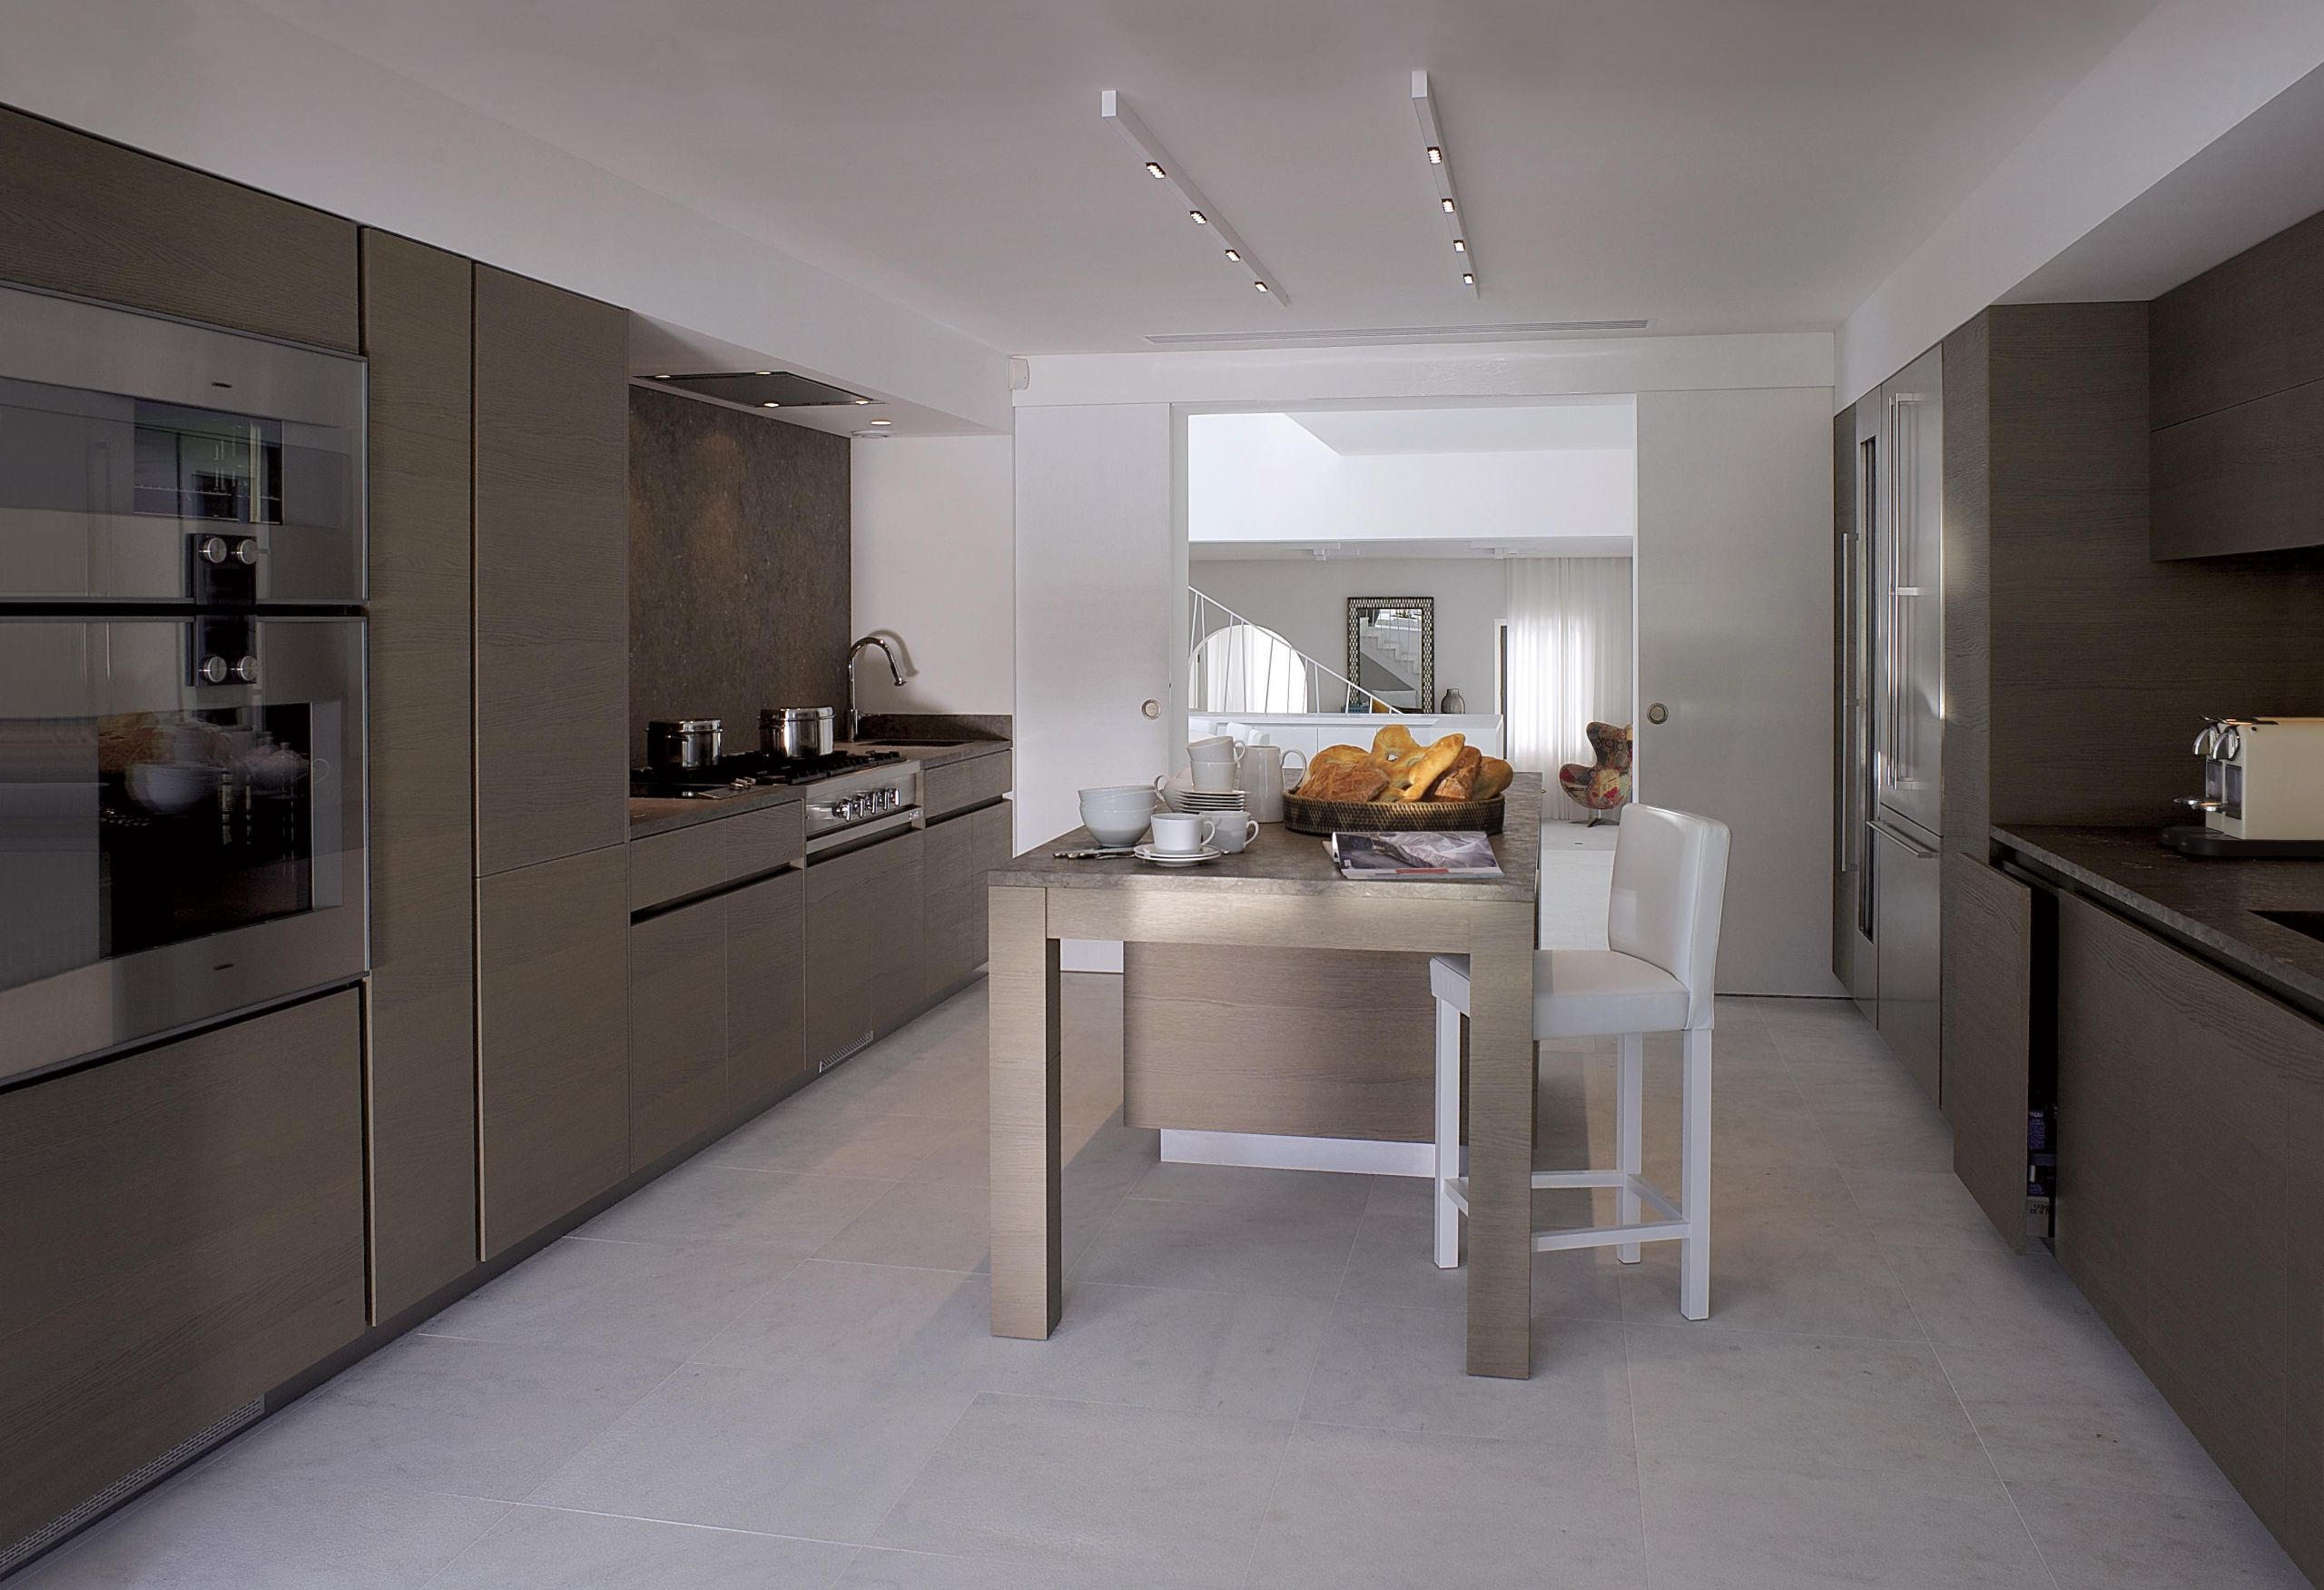 Îlot central chaleureux et convivial dans une cuisine contemporaine